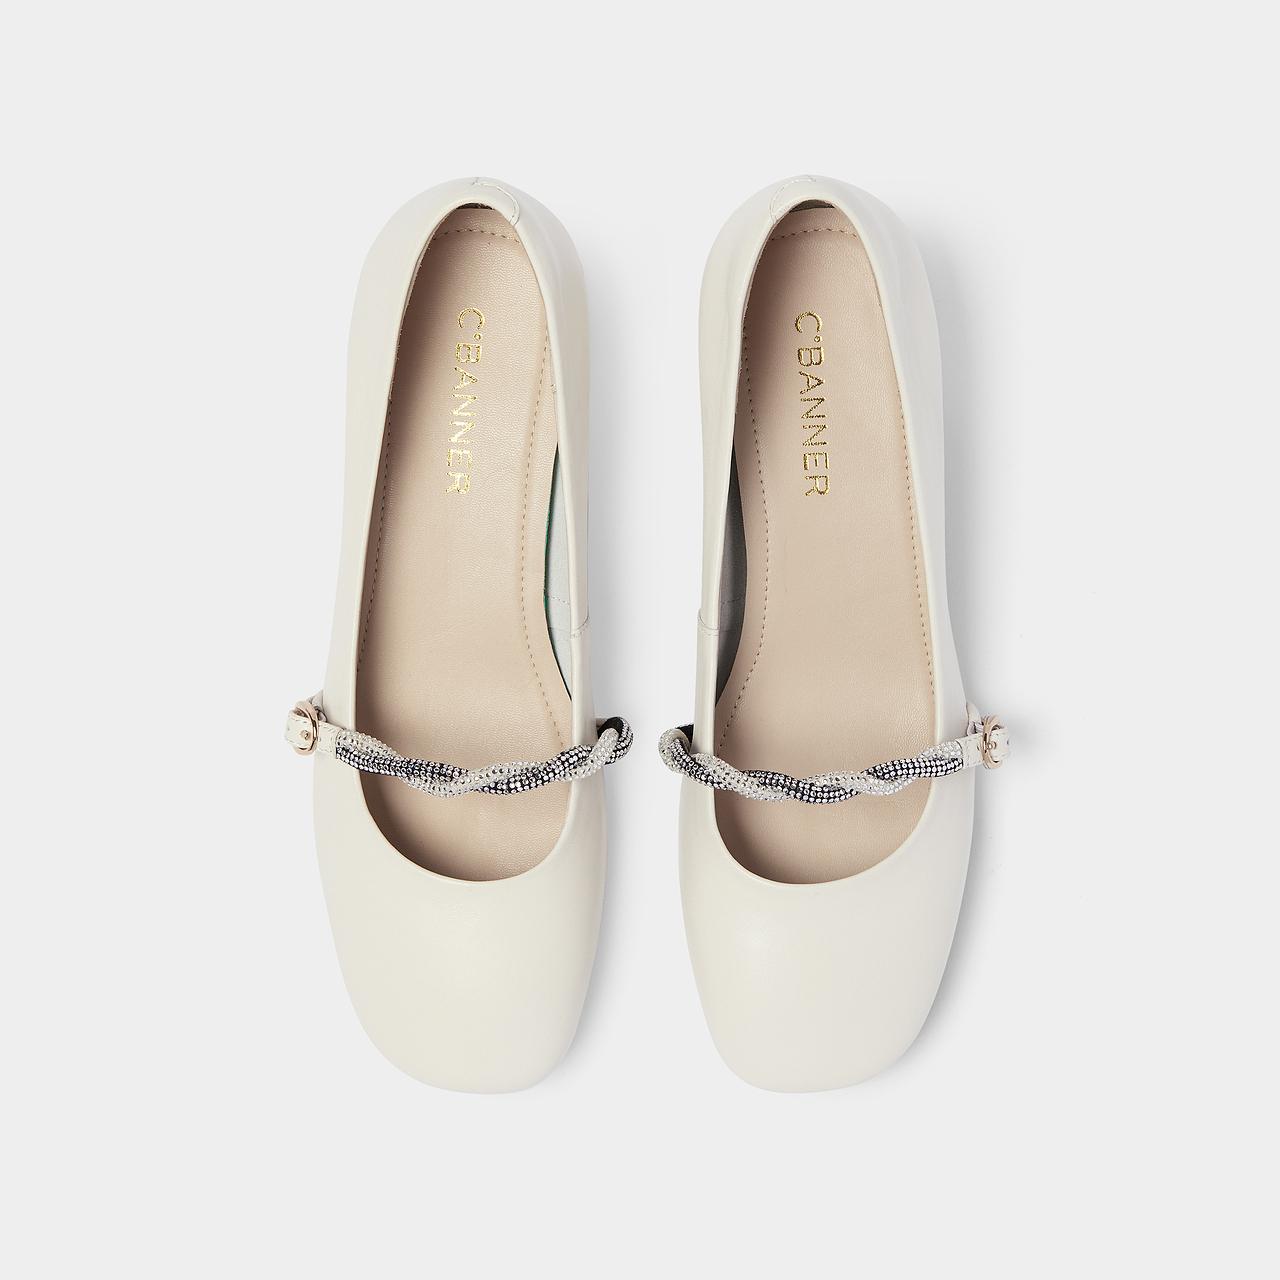 新款时尚森女风玛丽珍鞋奶奶鞋 2021 千百度女鞋简约休闲甜美低跟鞋